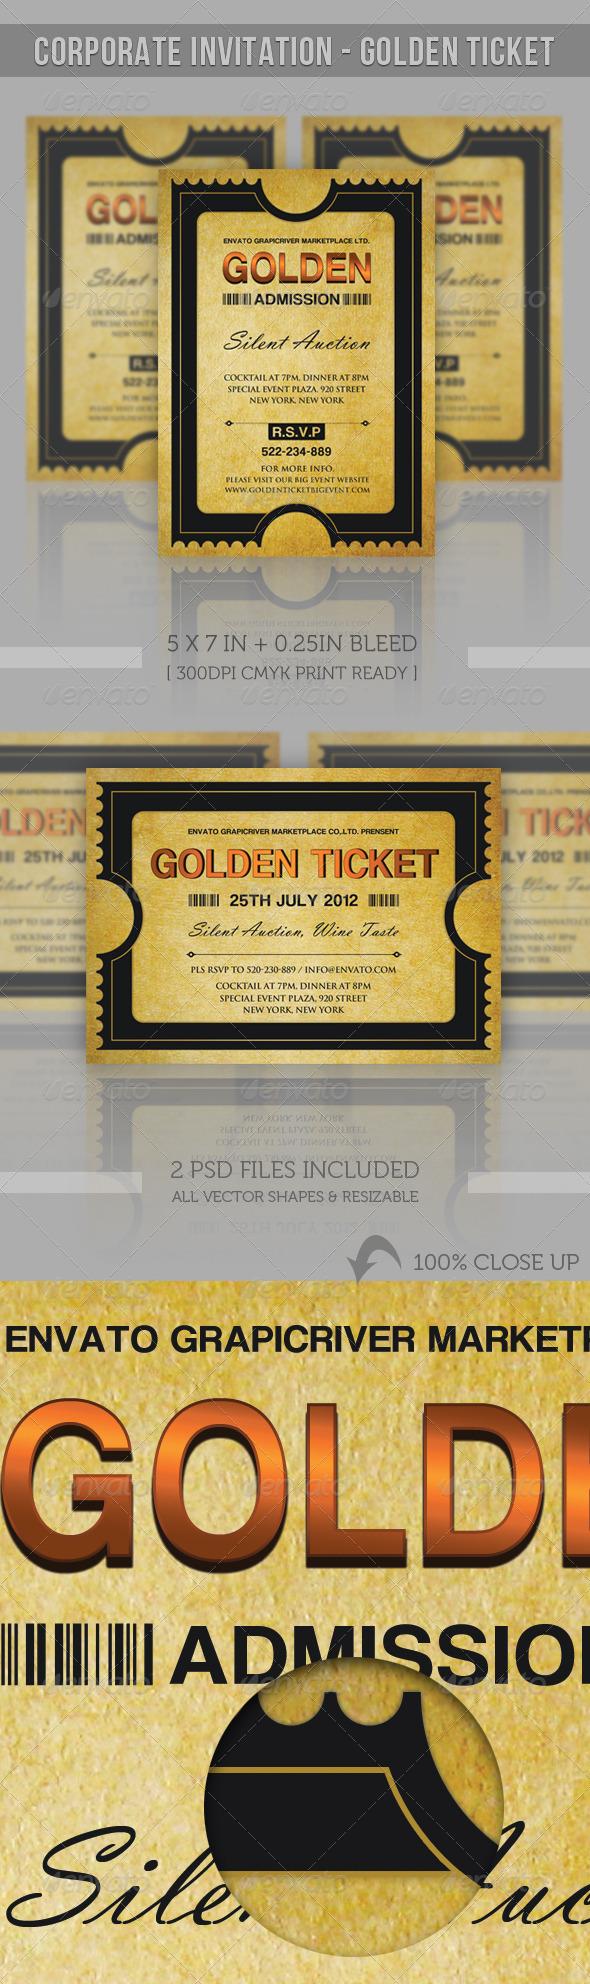 GraphicRiver Corporate Invitation Golden Ticket 2064967